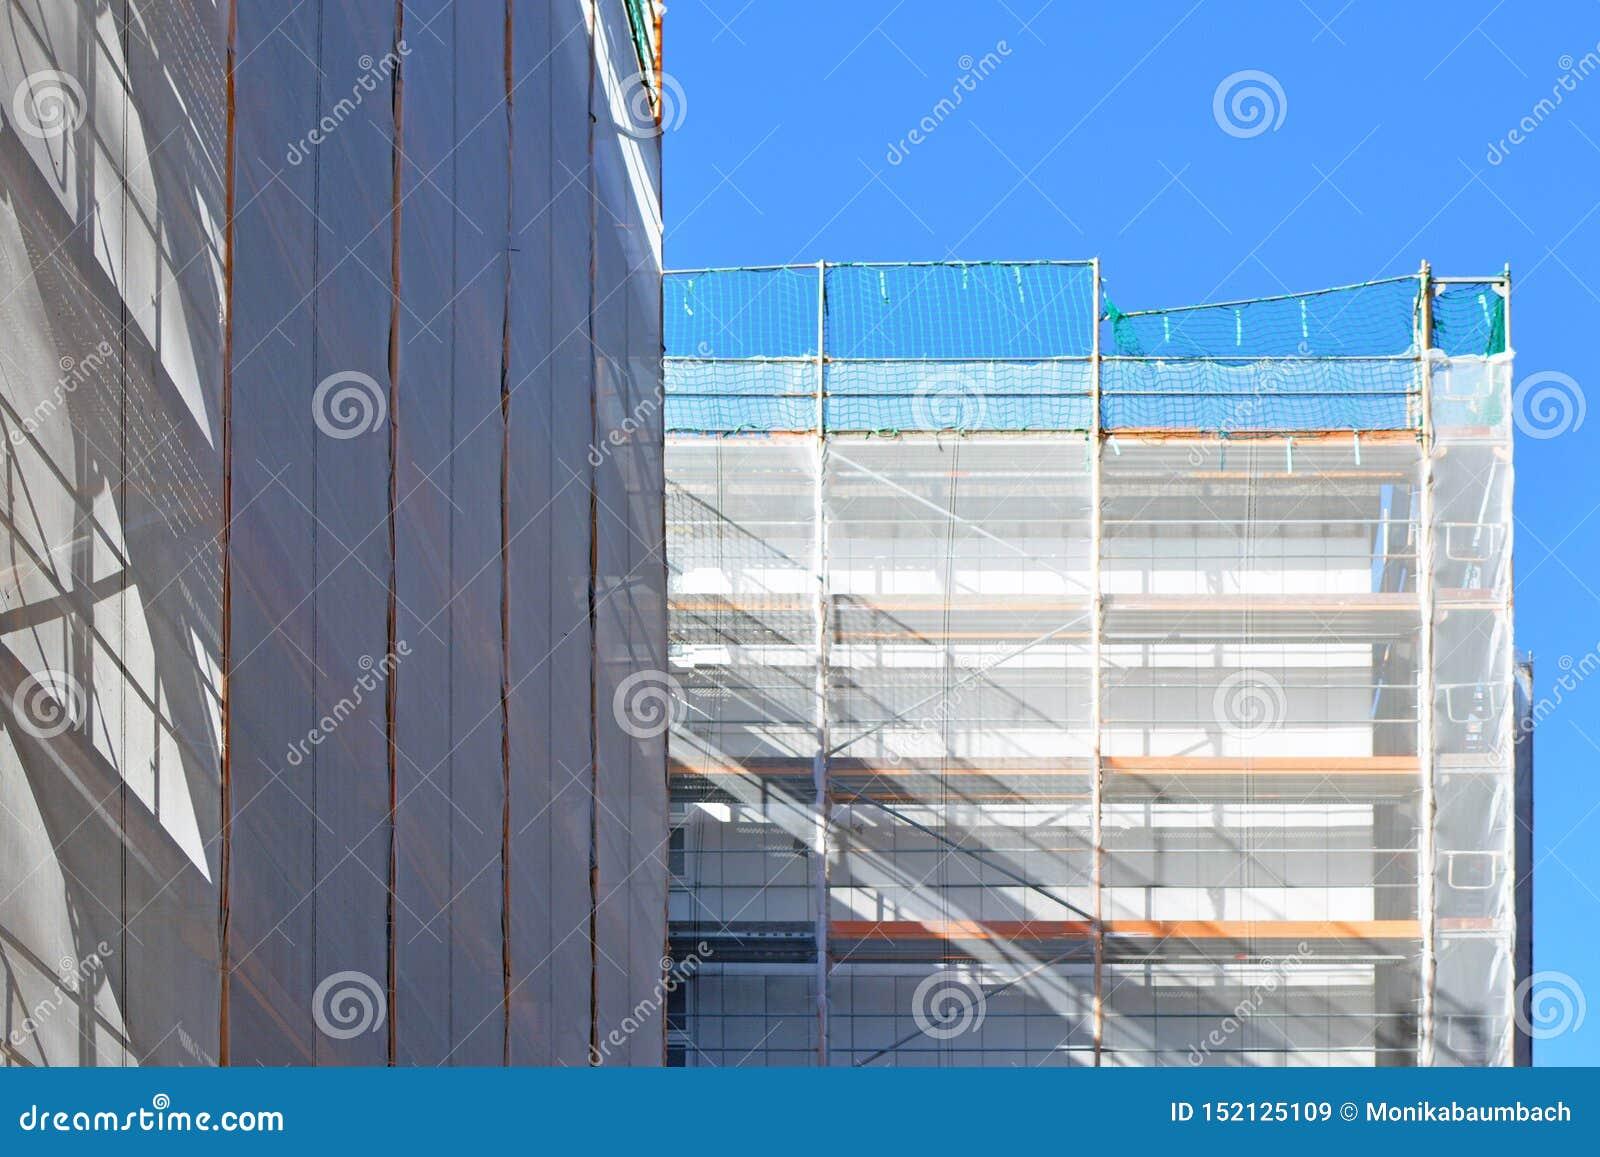 Une partie de chantier de construction avec l échafaudage sur la façade de construction à plusiers étages pendant la rénovation